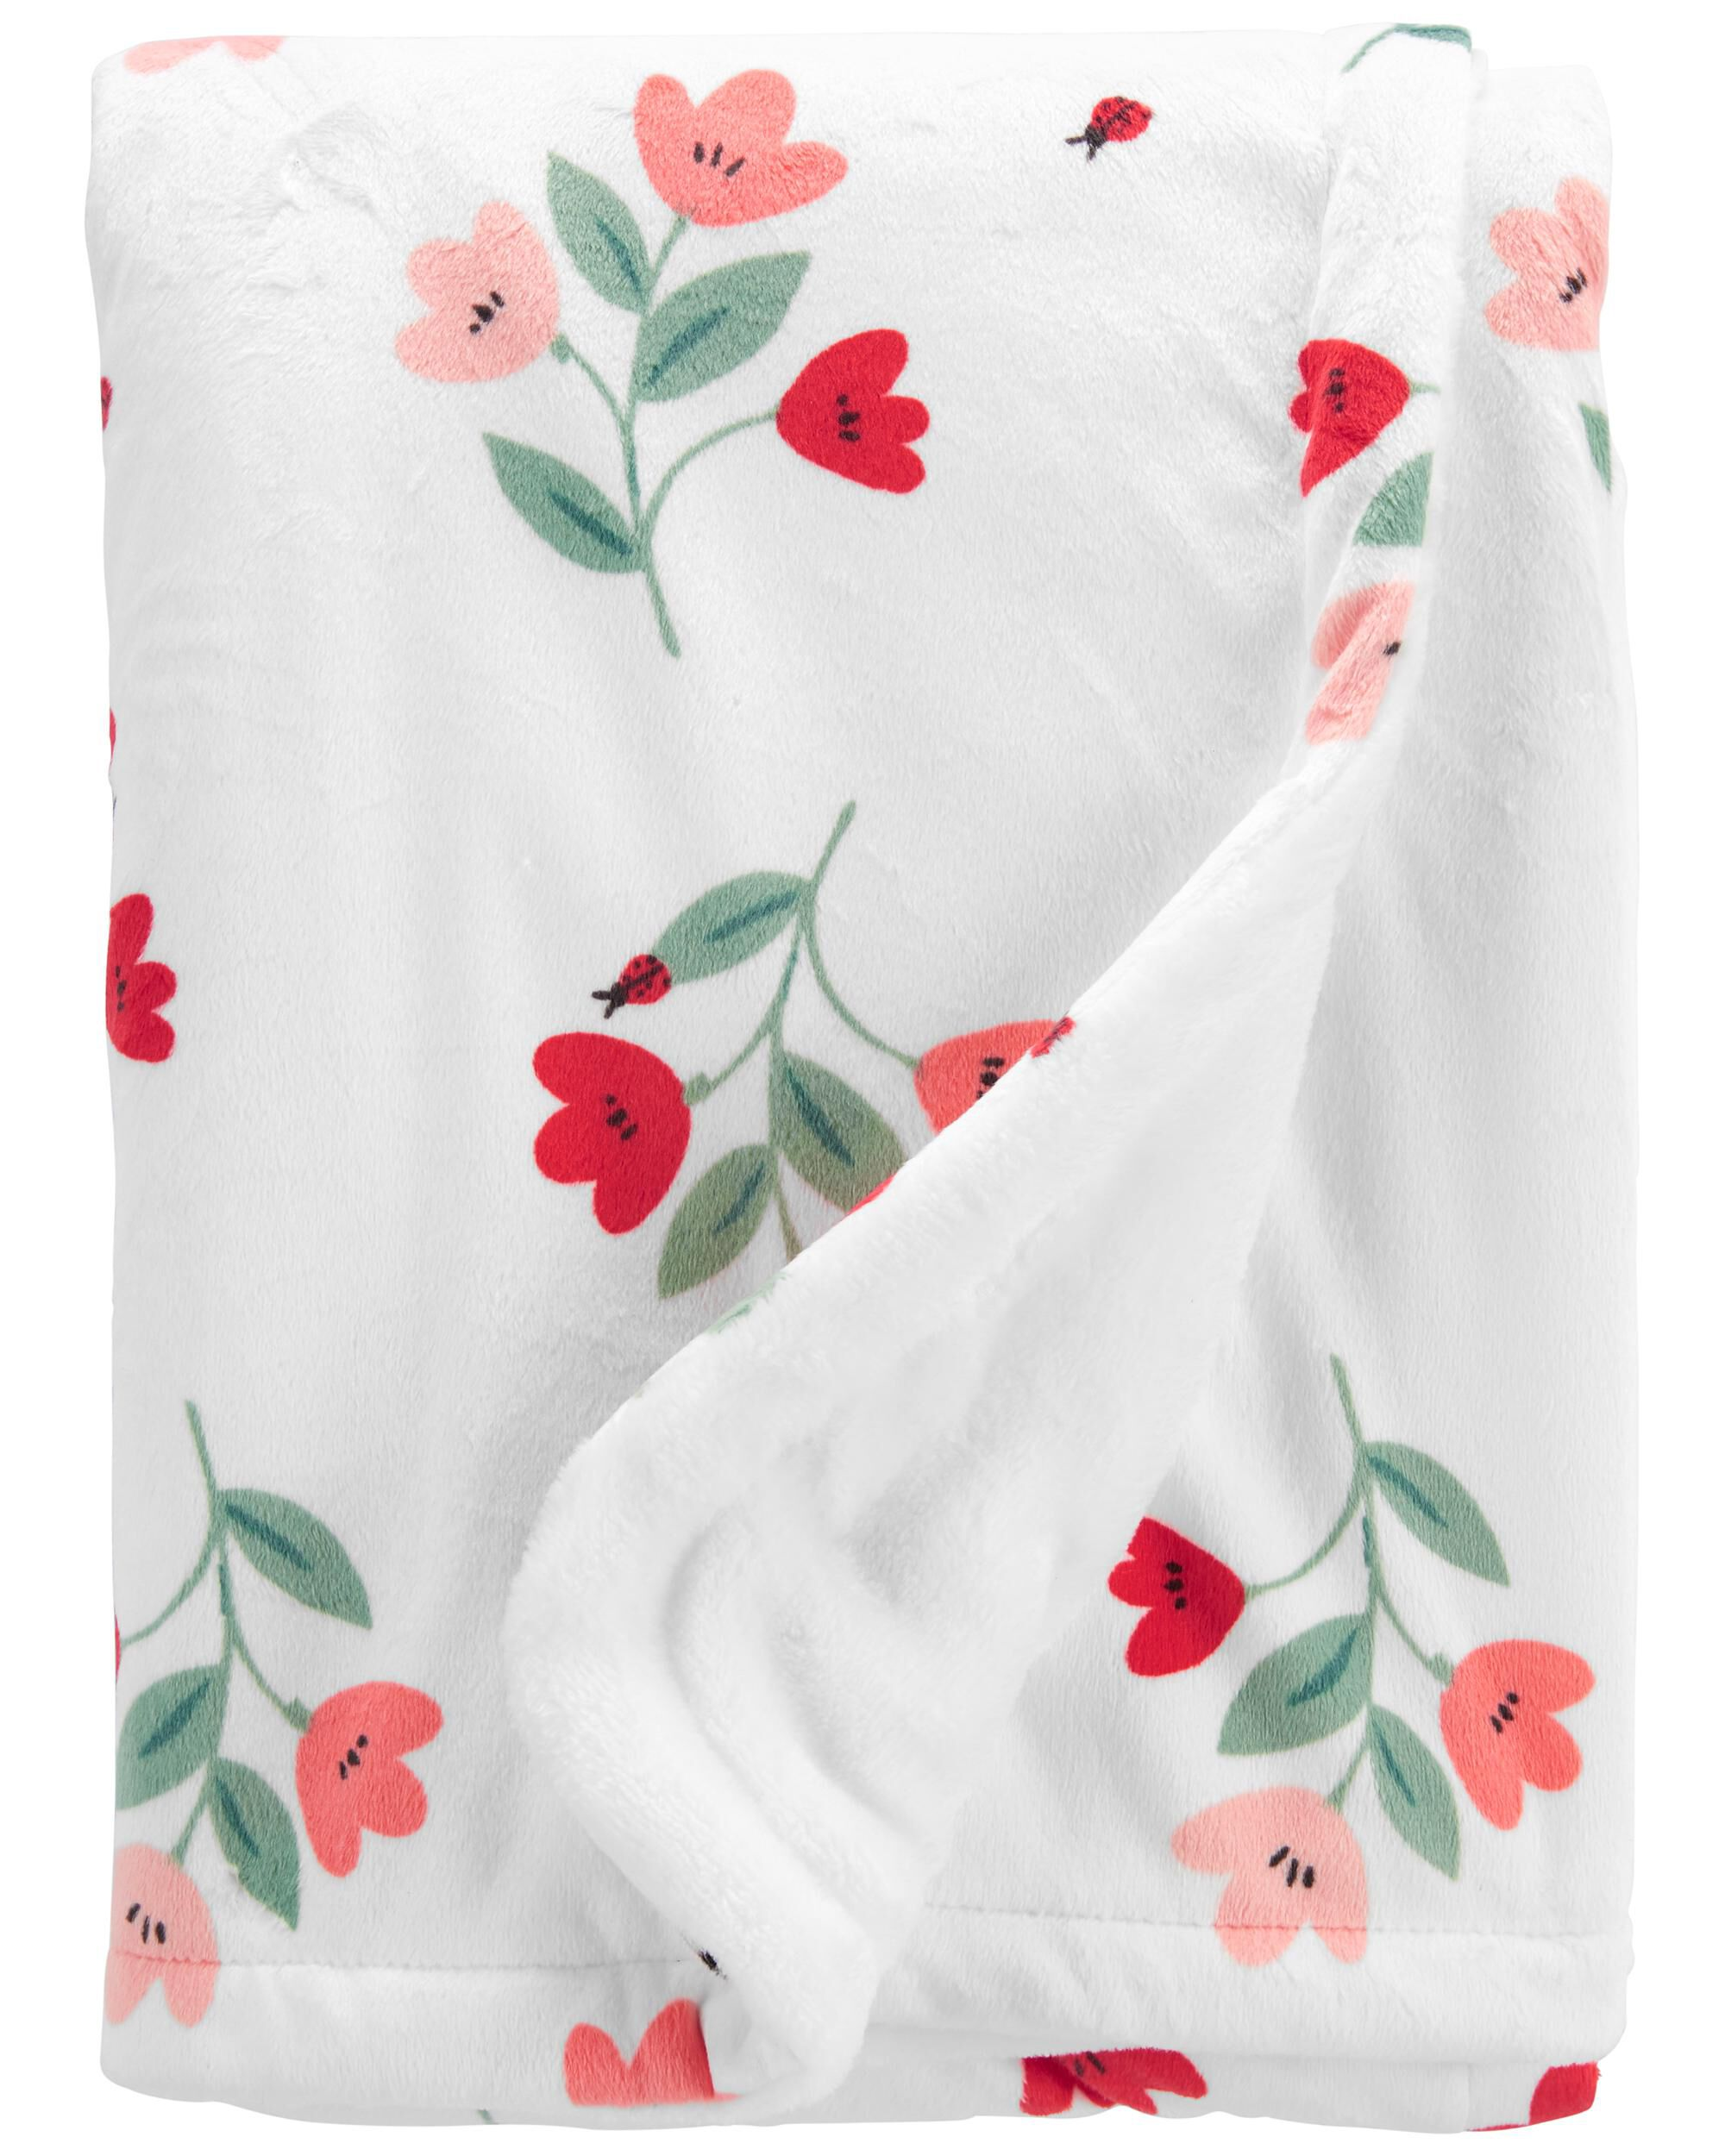 Oshkoshbgosh Floral Fuzzy Plush Blanket